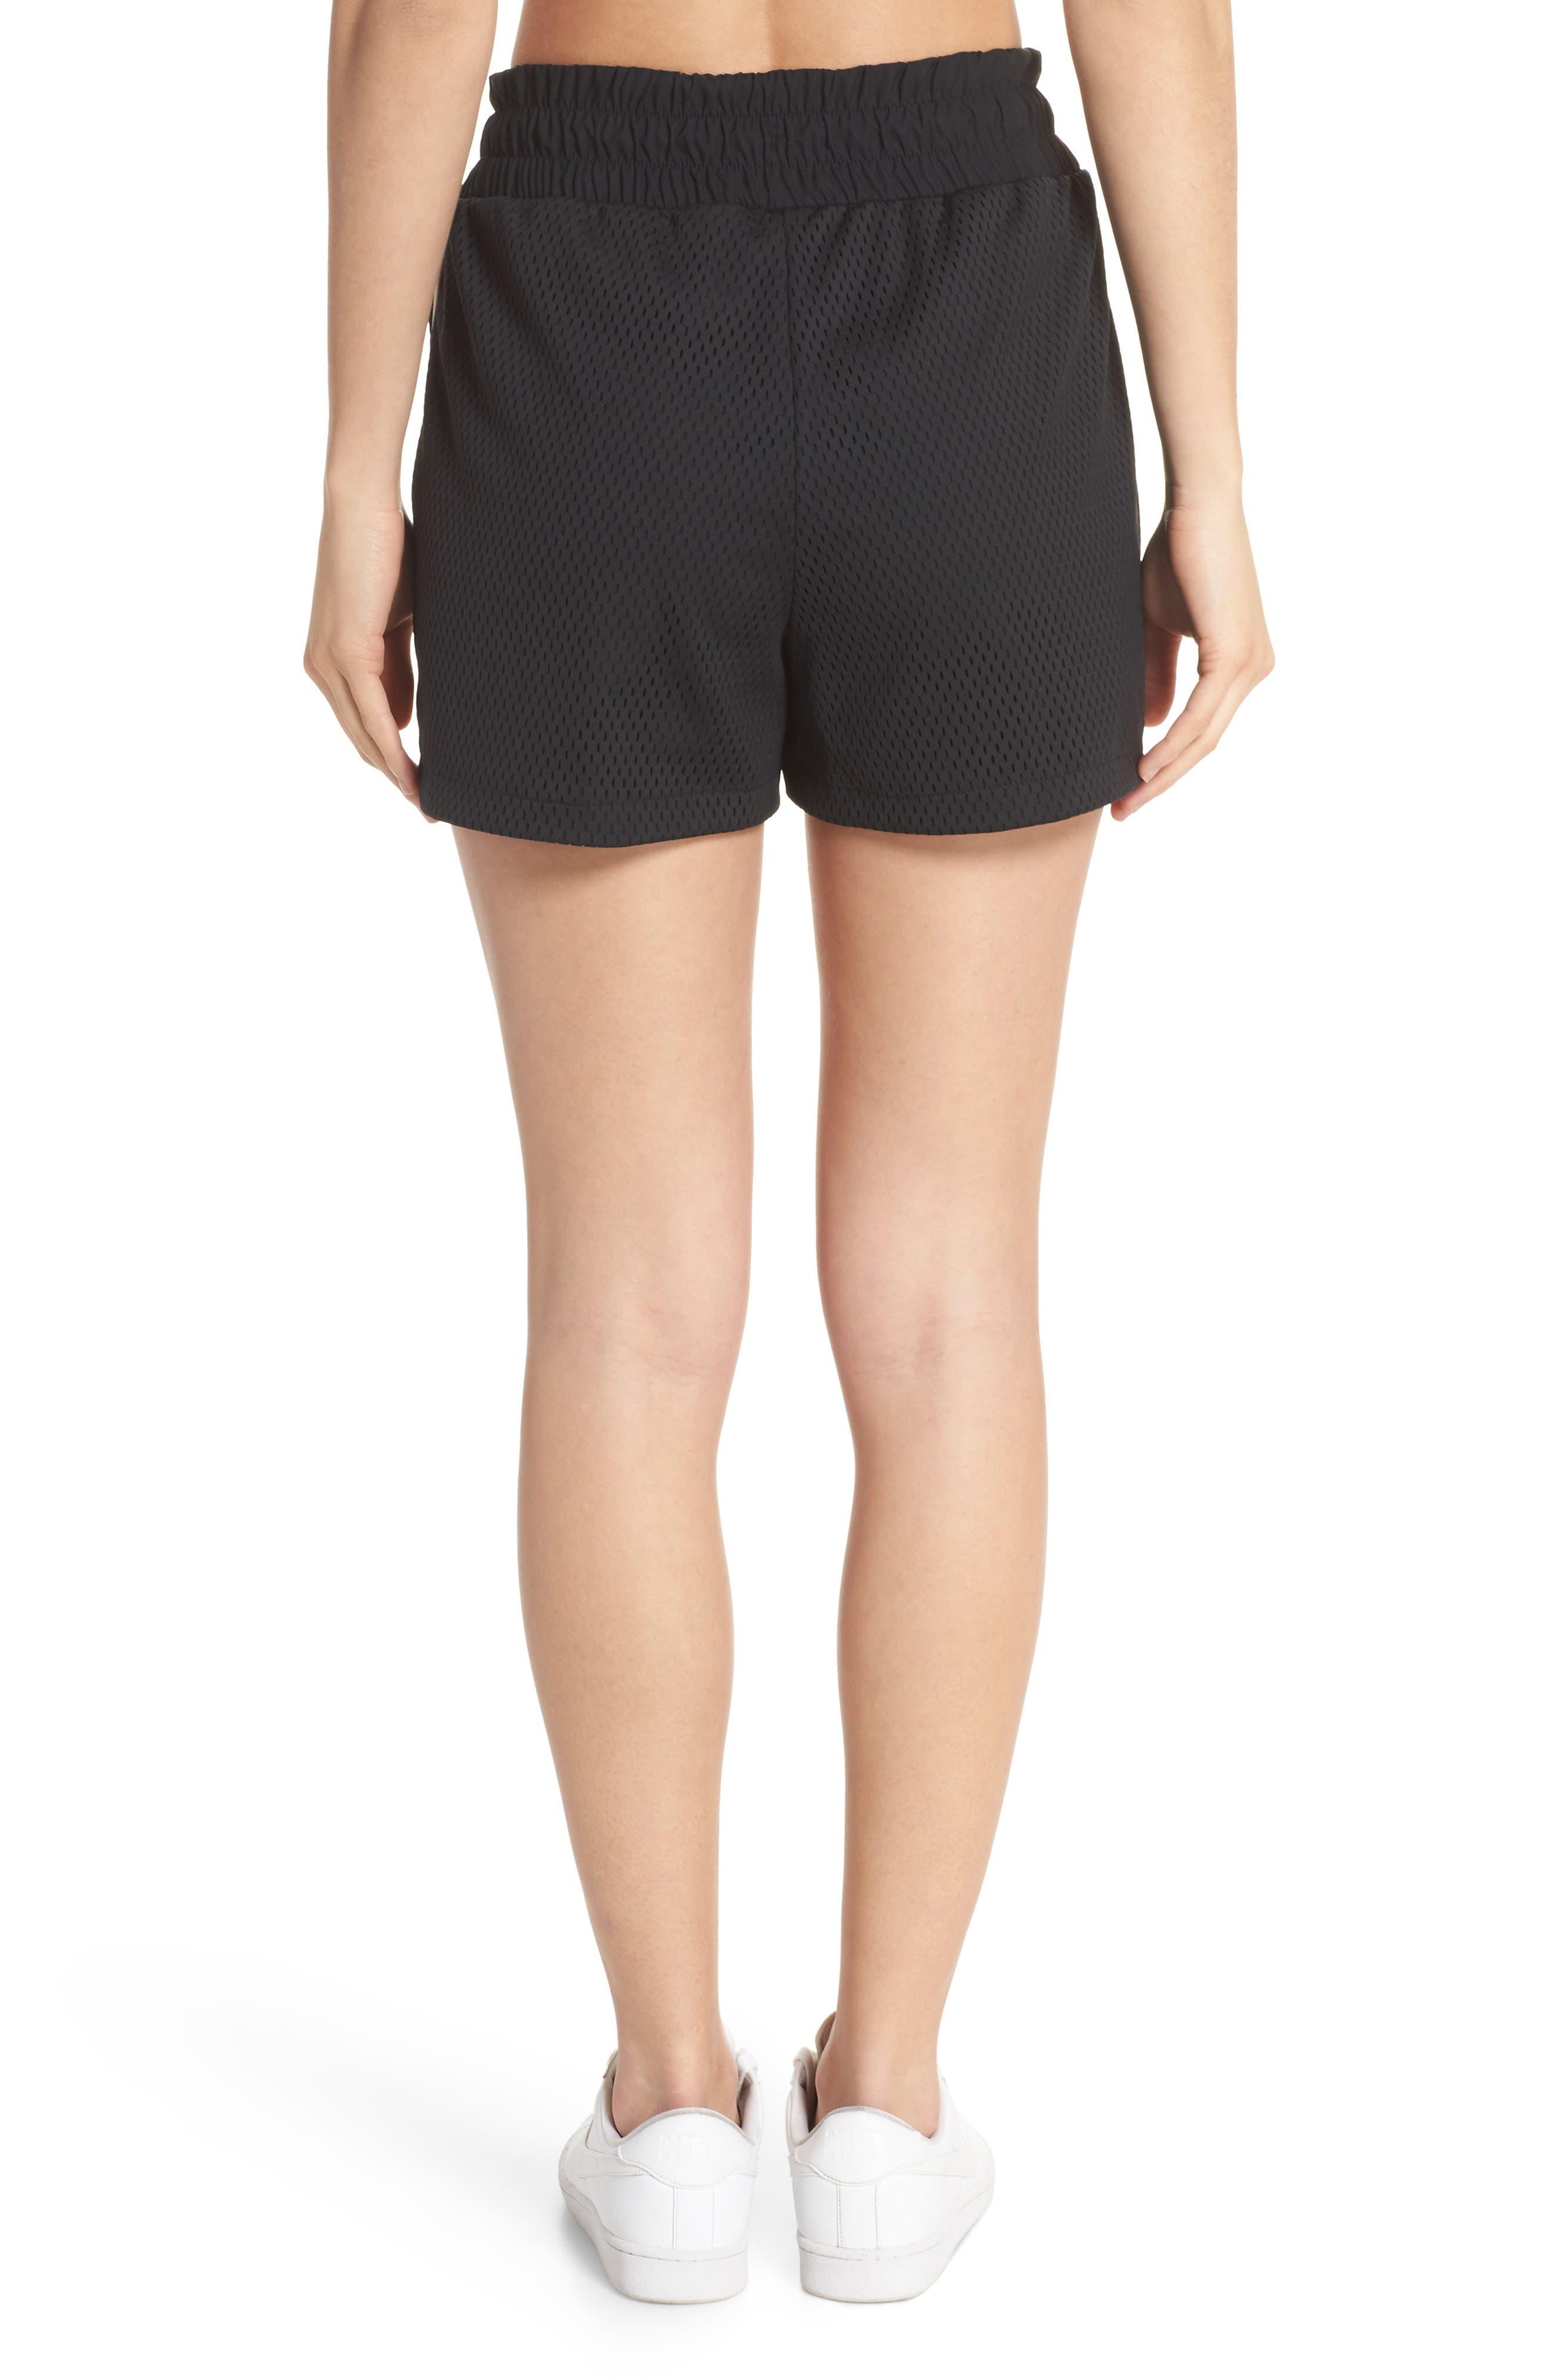 Sportswear Women's Dri-FIT Mesh Shorts,                             Alternate thumbnail 2, color,                             BLACK/ LIGHT BONE